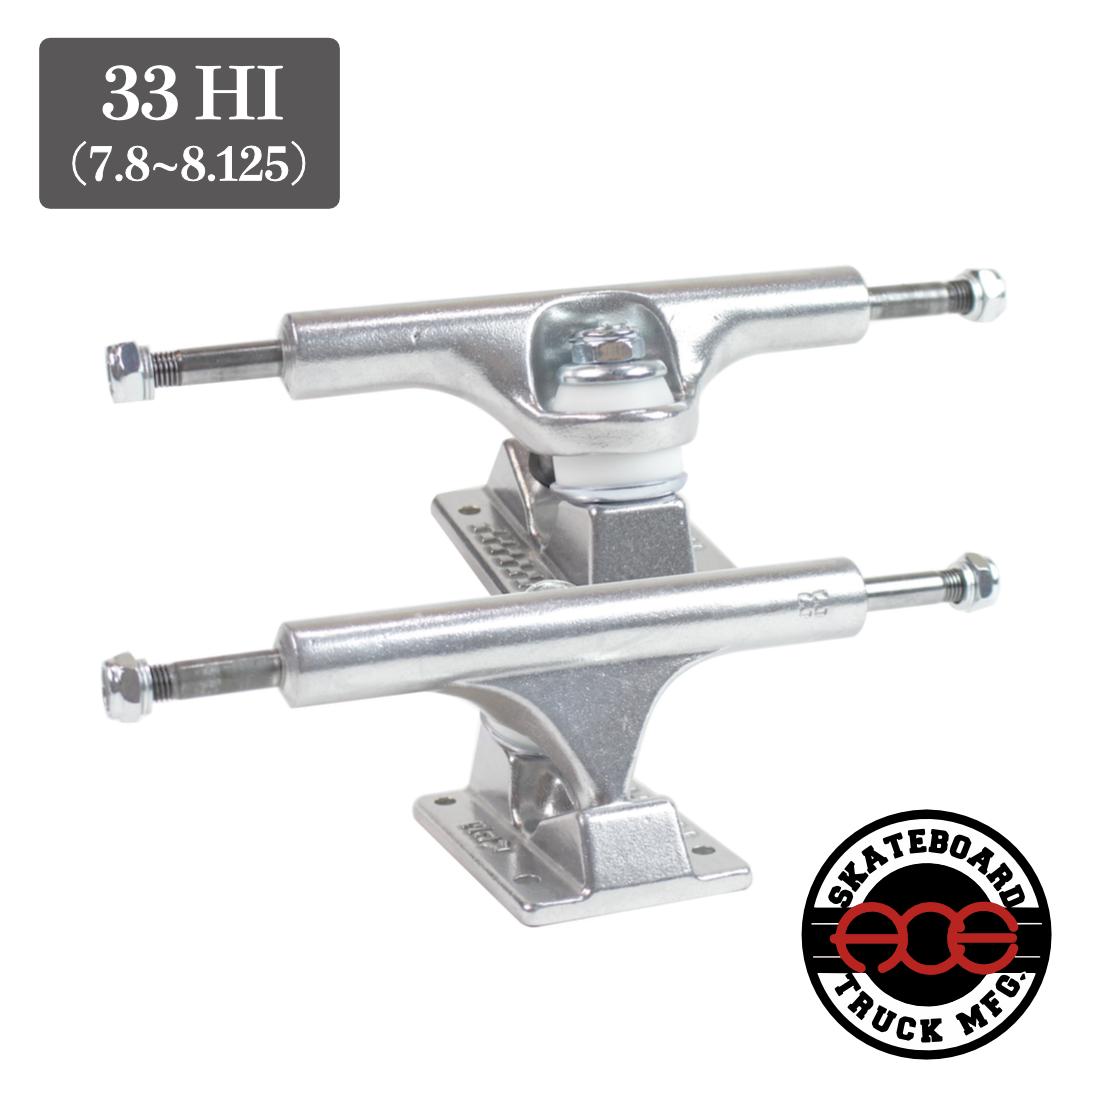 【Ace Truck】 Standard - 33 (139)